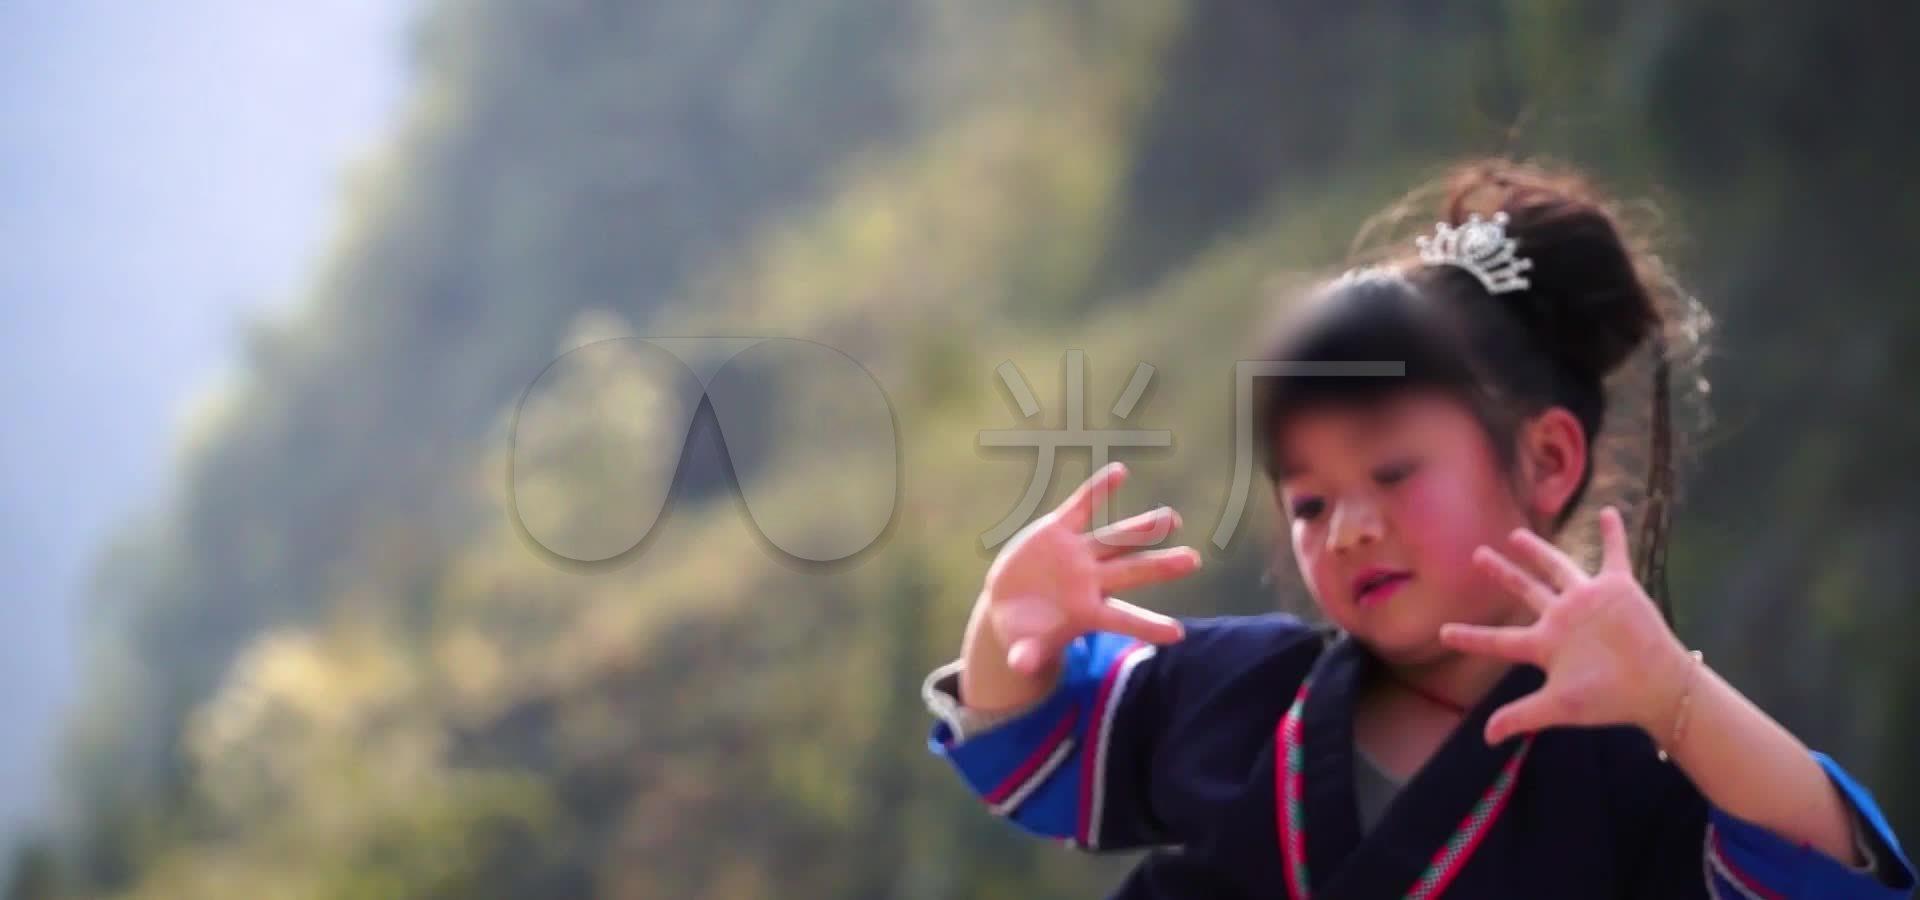 贵州笛子晚跳舞吹篝火少数民族_6下载(变脸视频素材编号图片